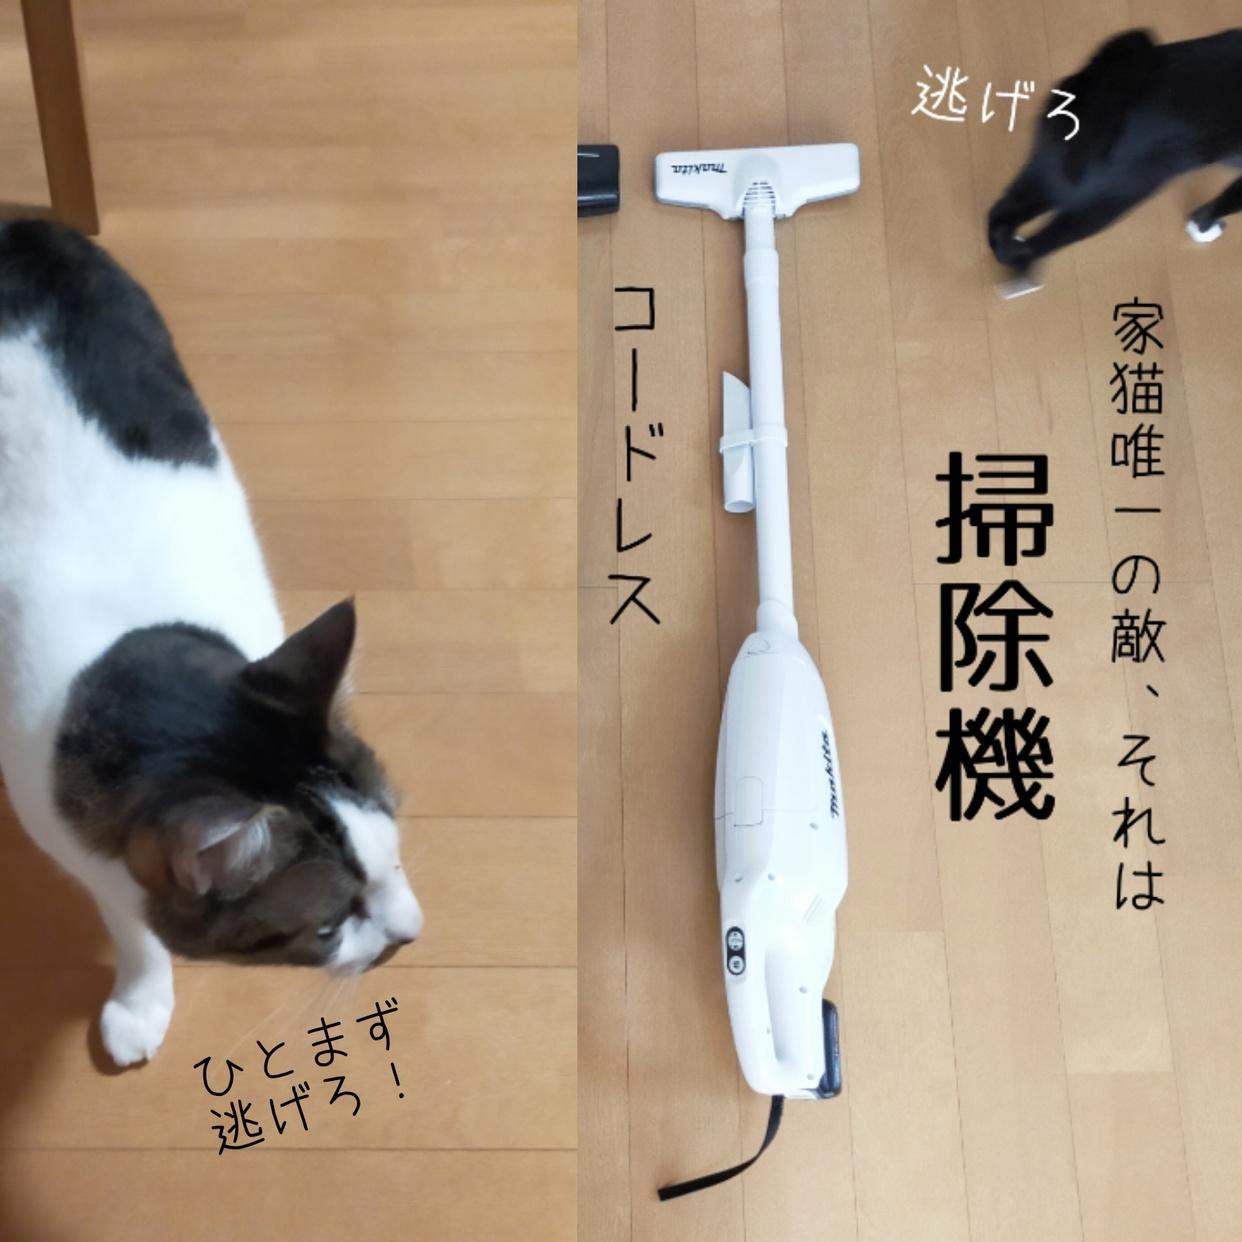 makita(マキタ)充電式クリーナ CL107FDSHWを使ったねこちえさんのクチコミ画像1